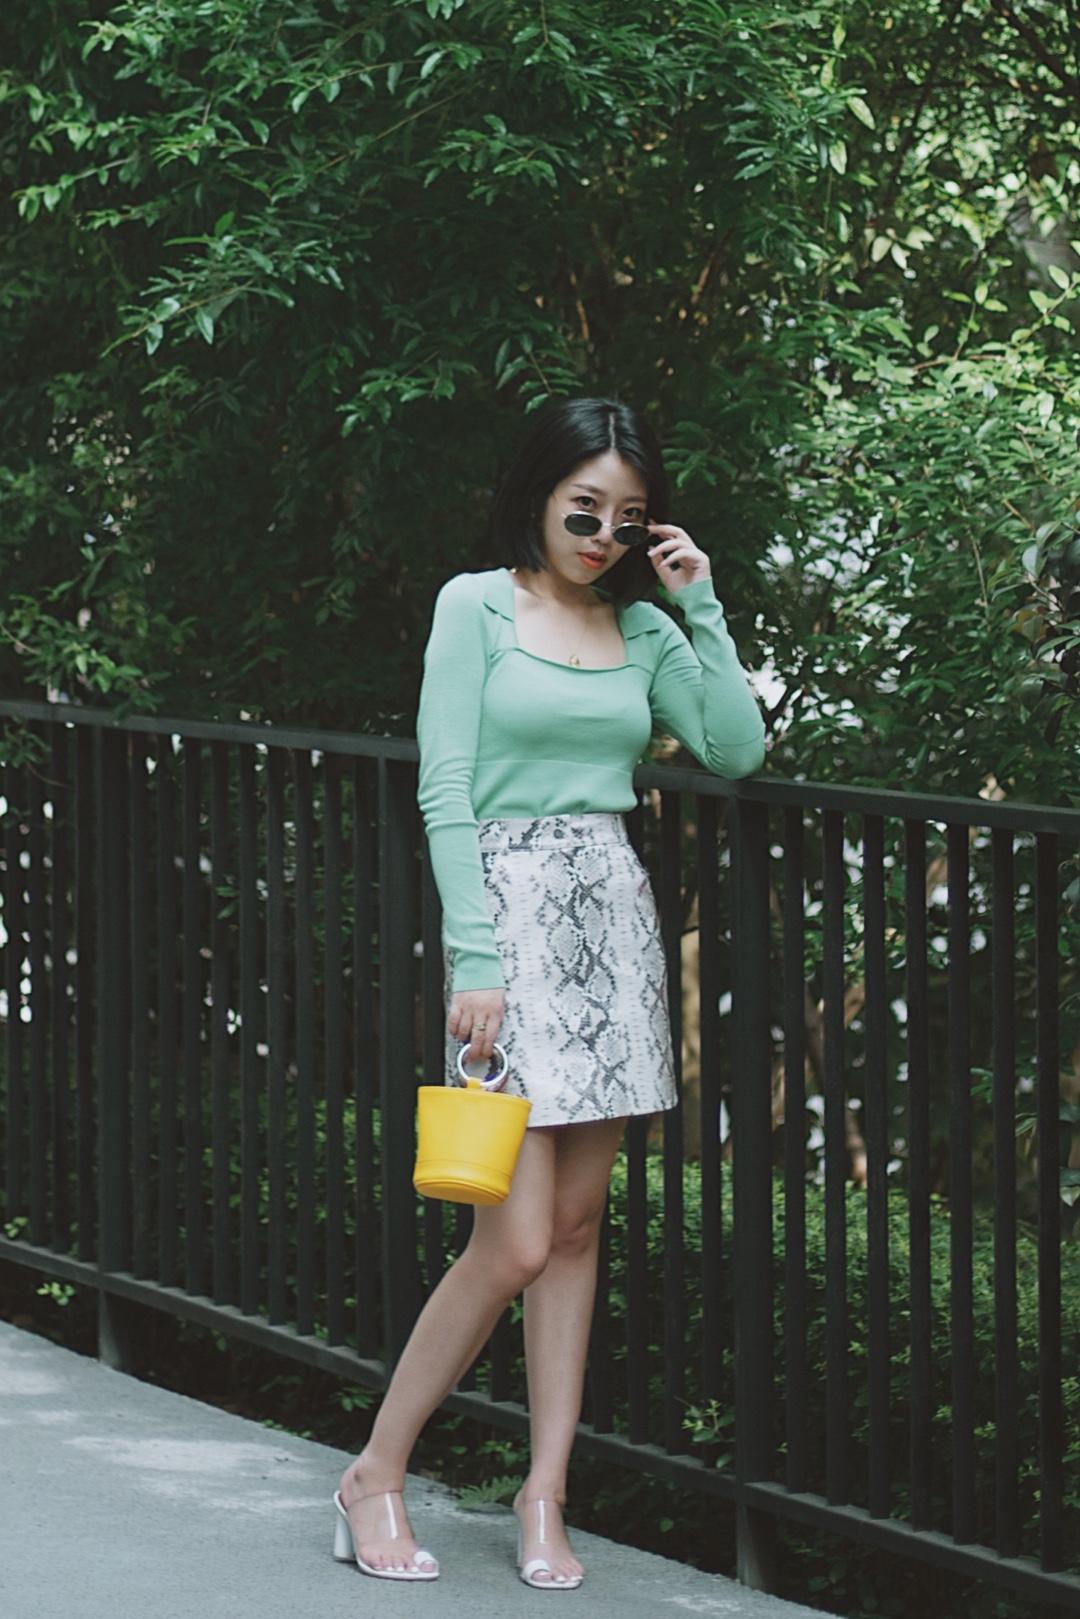 💚这个夏天独爱绿色💚 最近发现自己绿色单品特别多,不知不觉的就中了绿色的毒,哈哈哈哈。 这款针织衫特别喜欢,非常有设计感,而且修身的剪裁很凸显身材。蛇皮裙子狂野中有点清新的气息,和绿色搭配起来综合了性感,让整体变得柔和。 你们觉得这身look给几分?#上短下长,腿长一米八!#